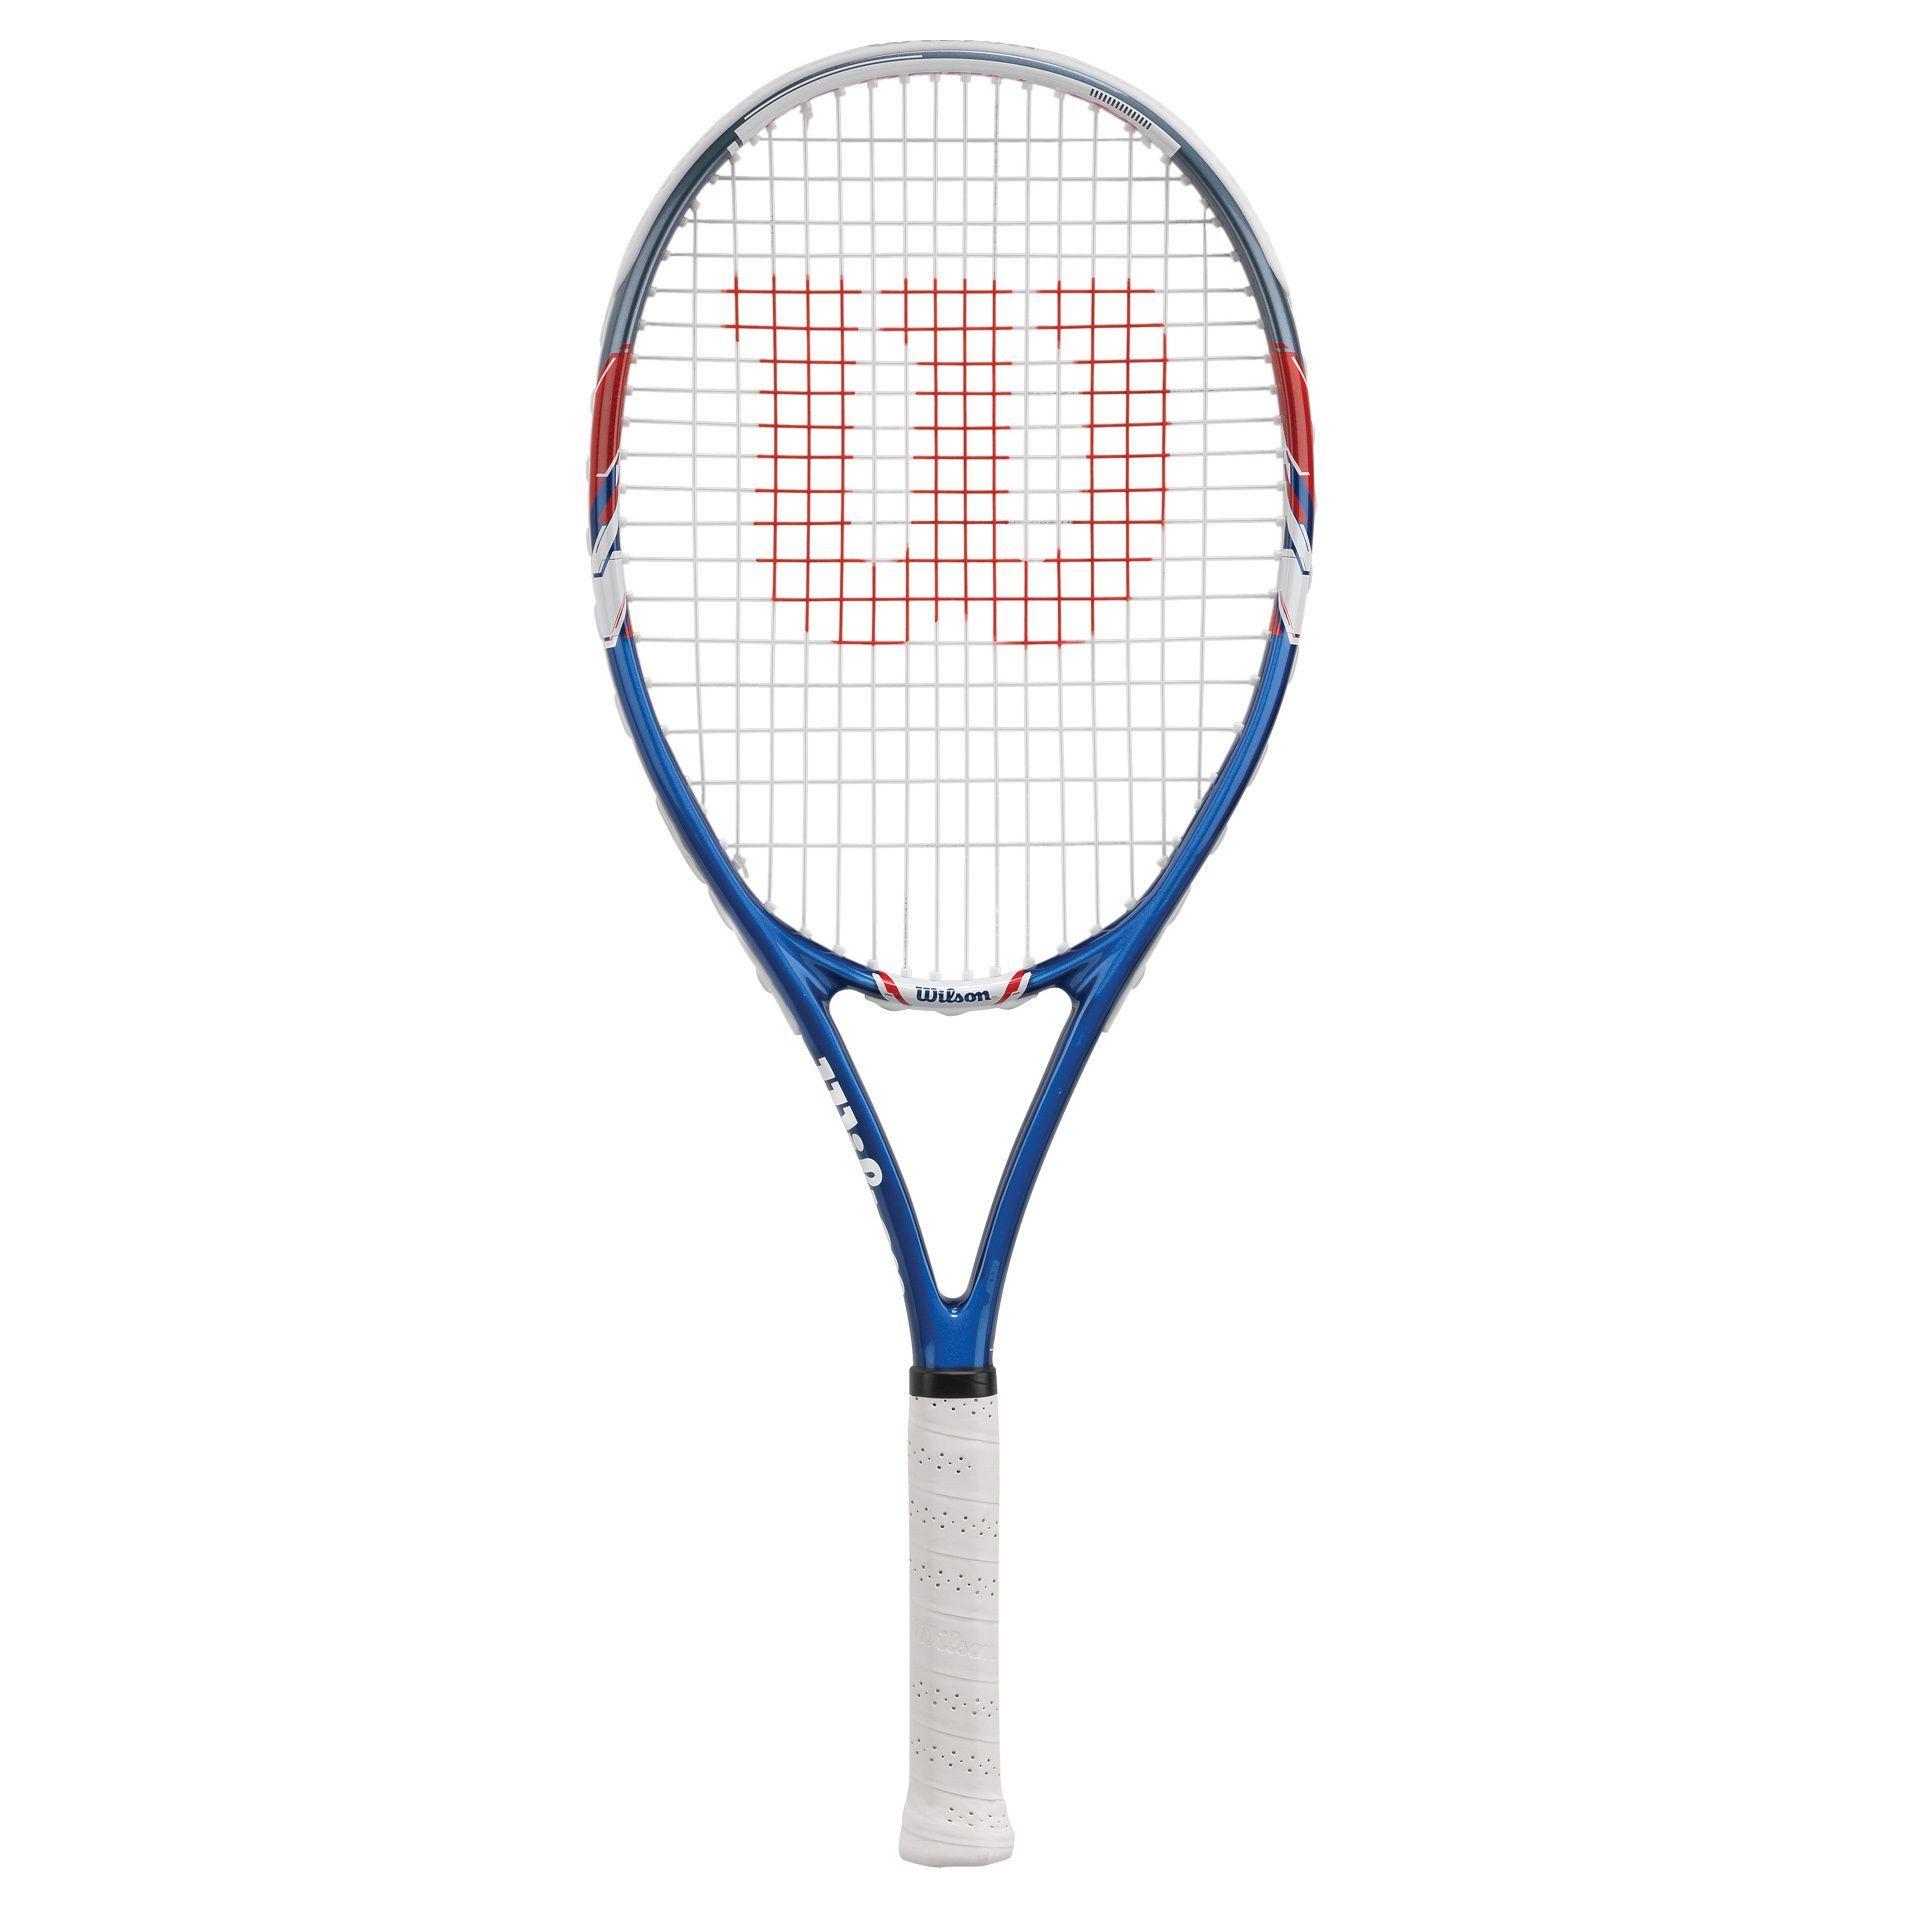 Wilson US Open 3, Grey Tennis racket, Tennis, Tennis tips